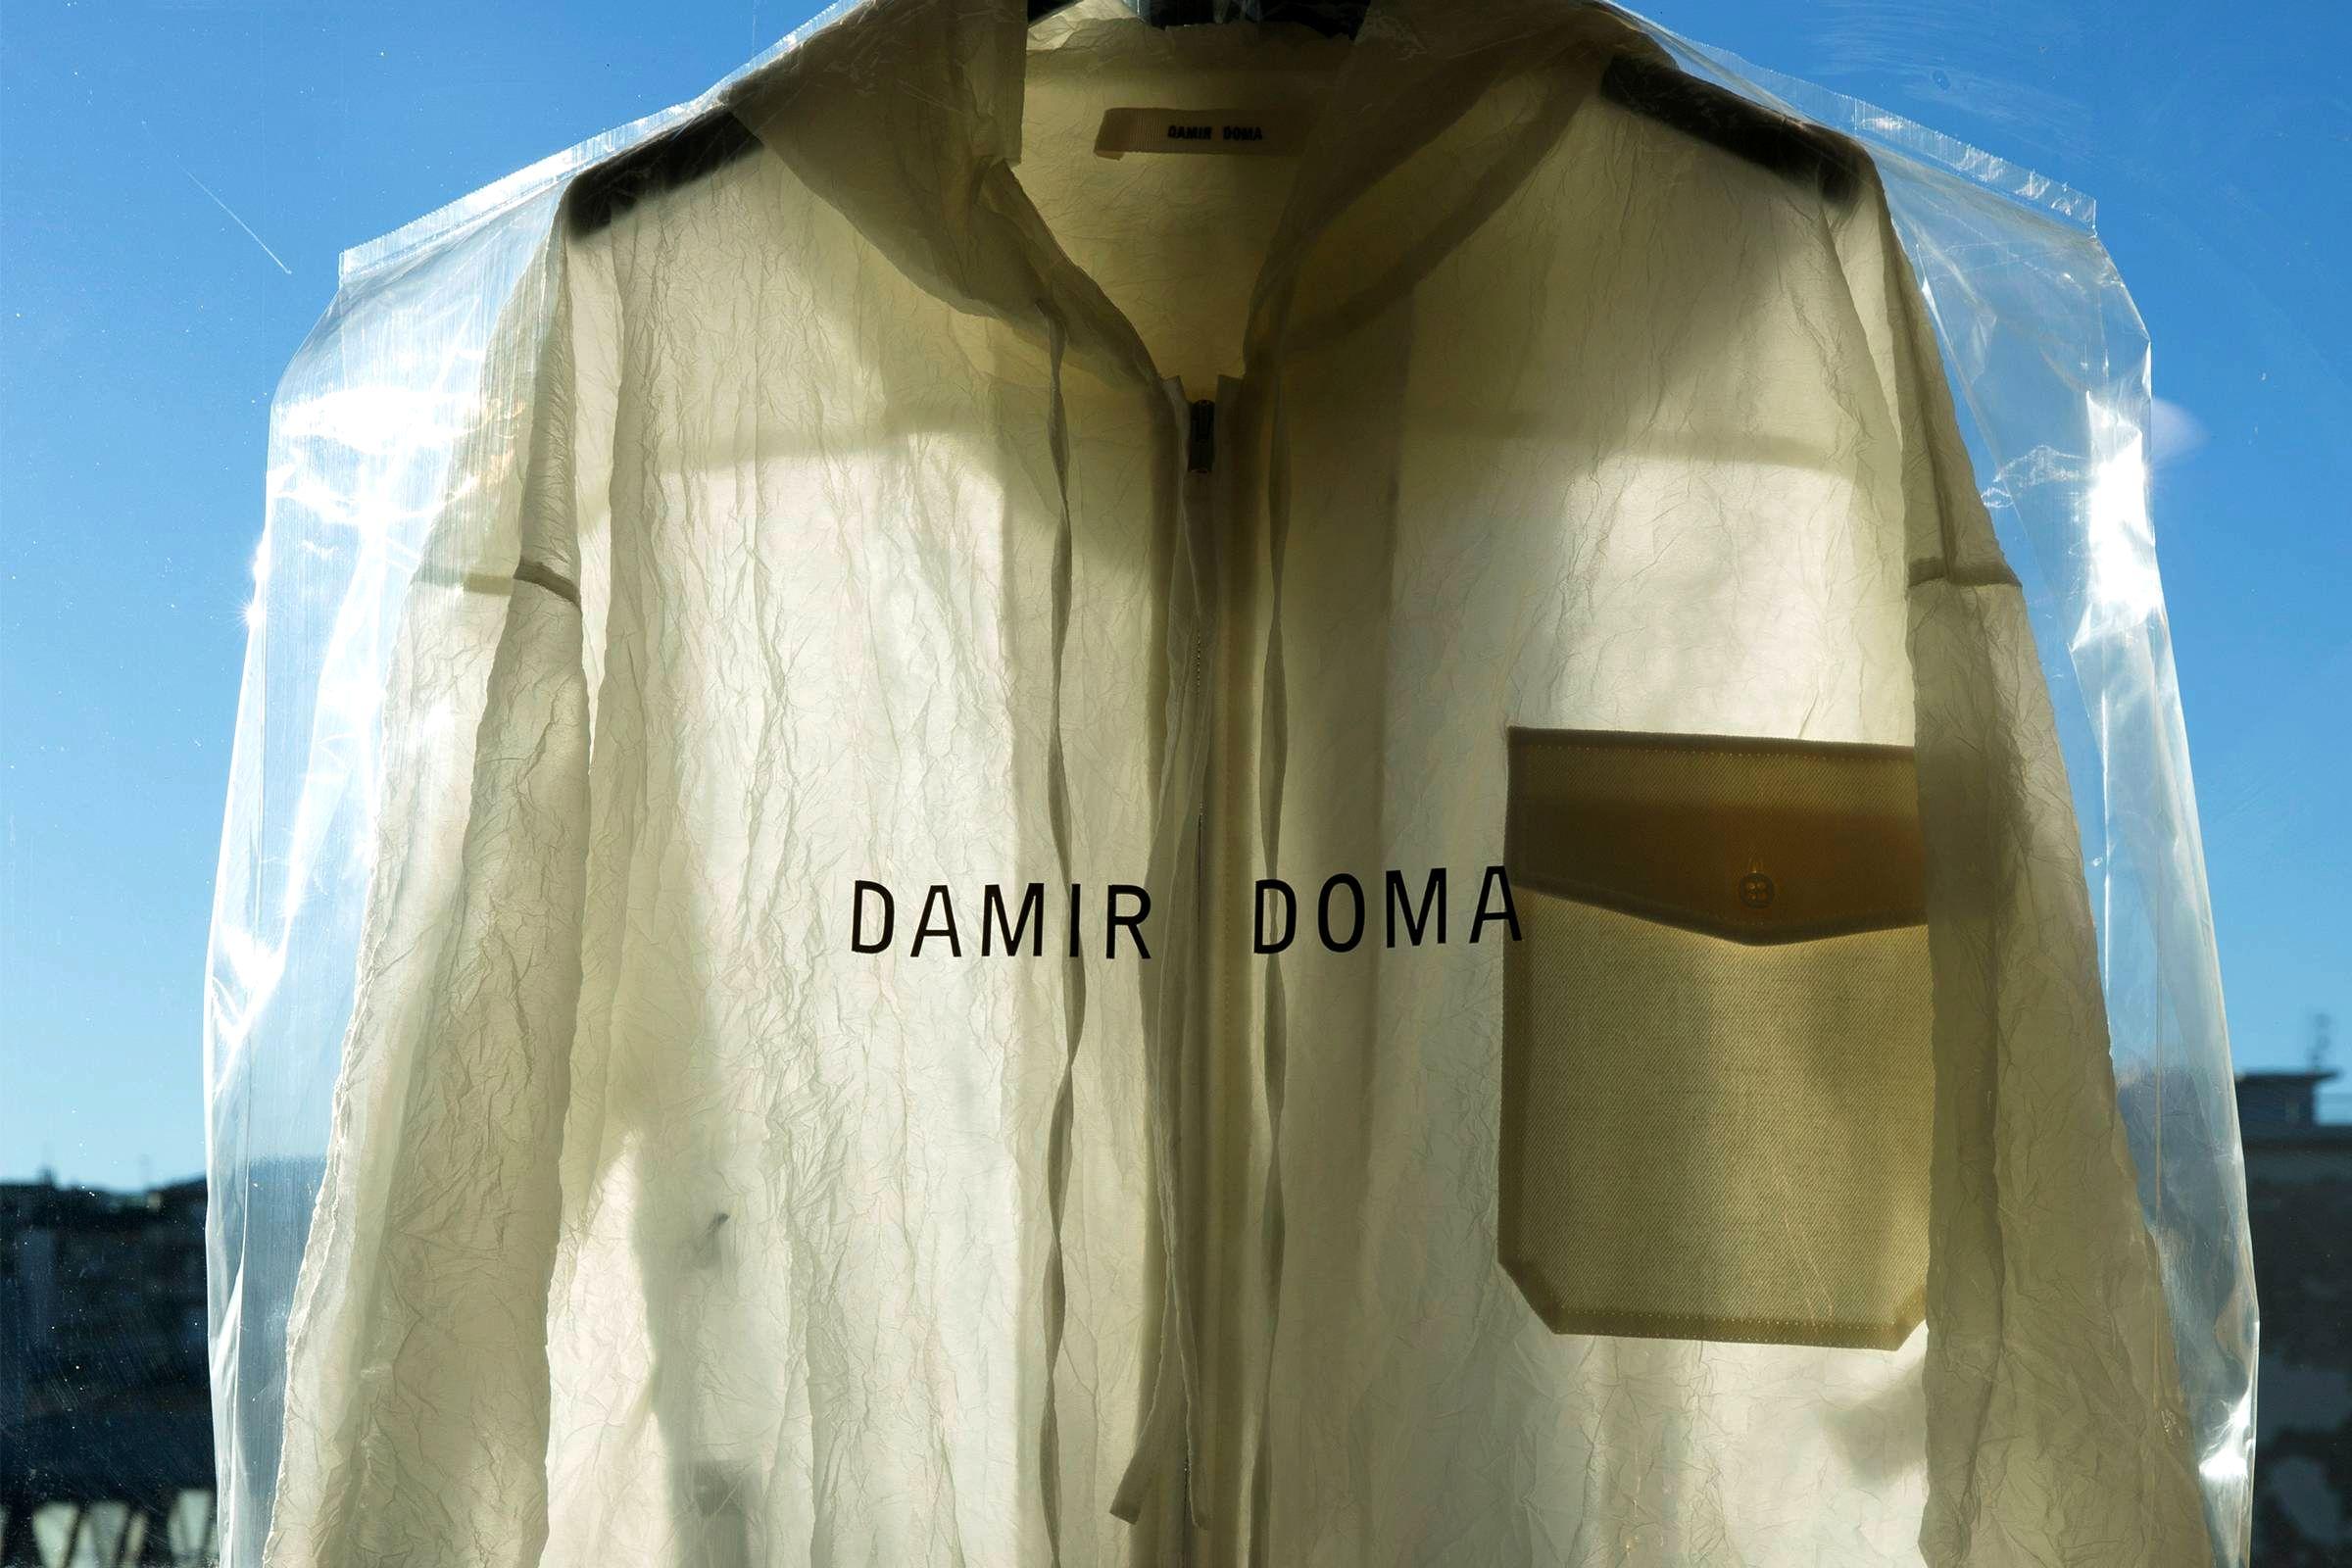 Бренд Damir Doma. Дамир Дома о прошлом, настоящем и будущем